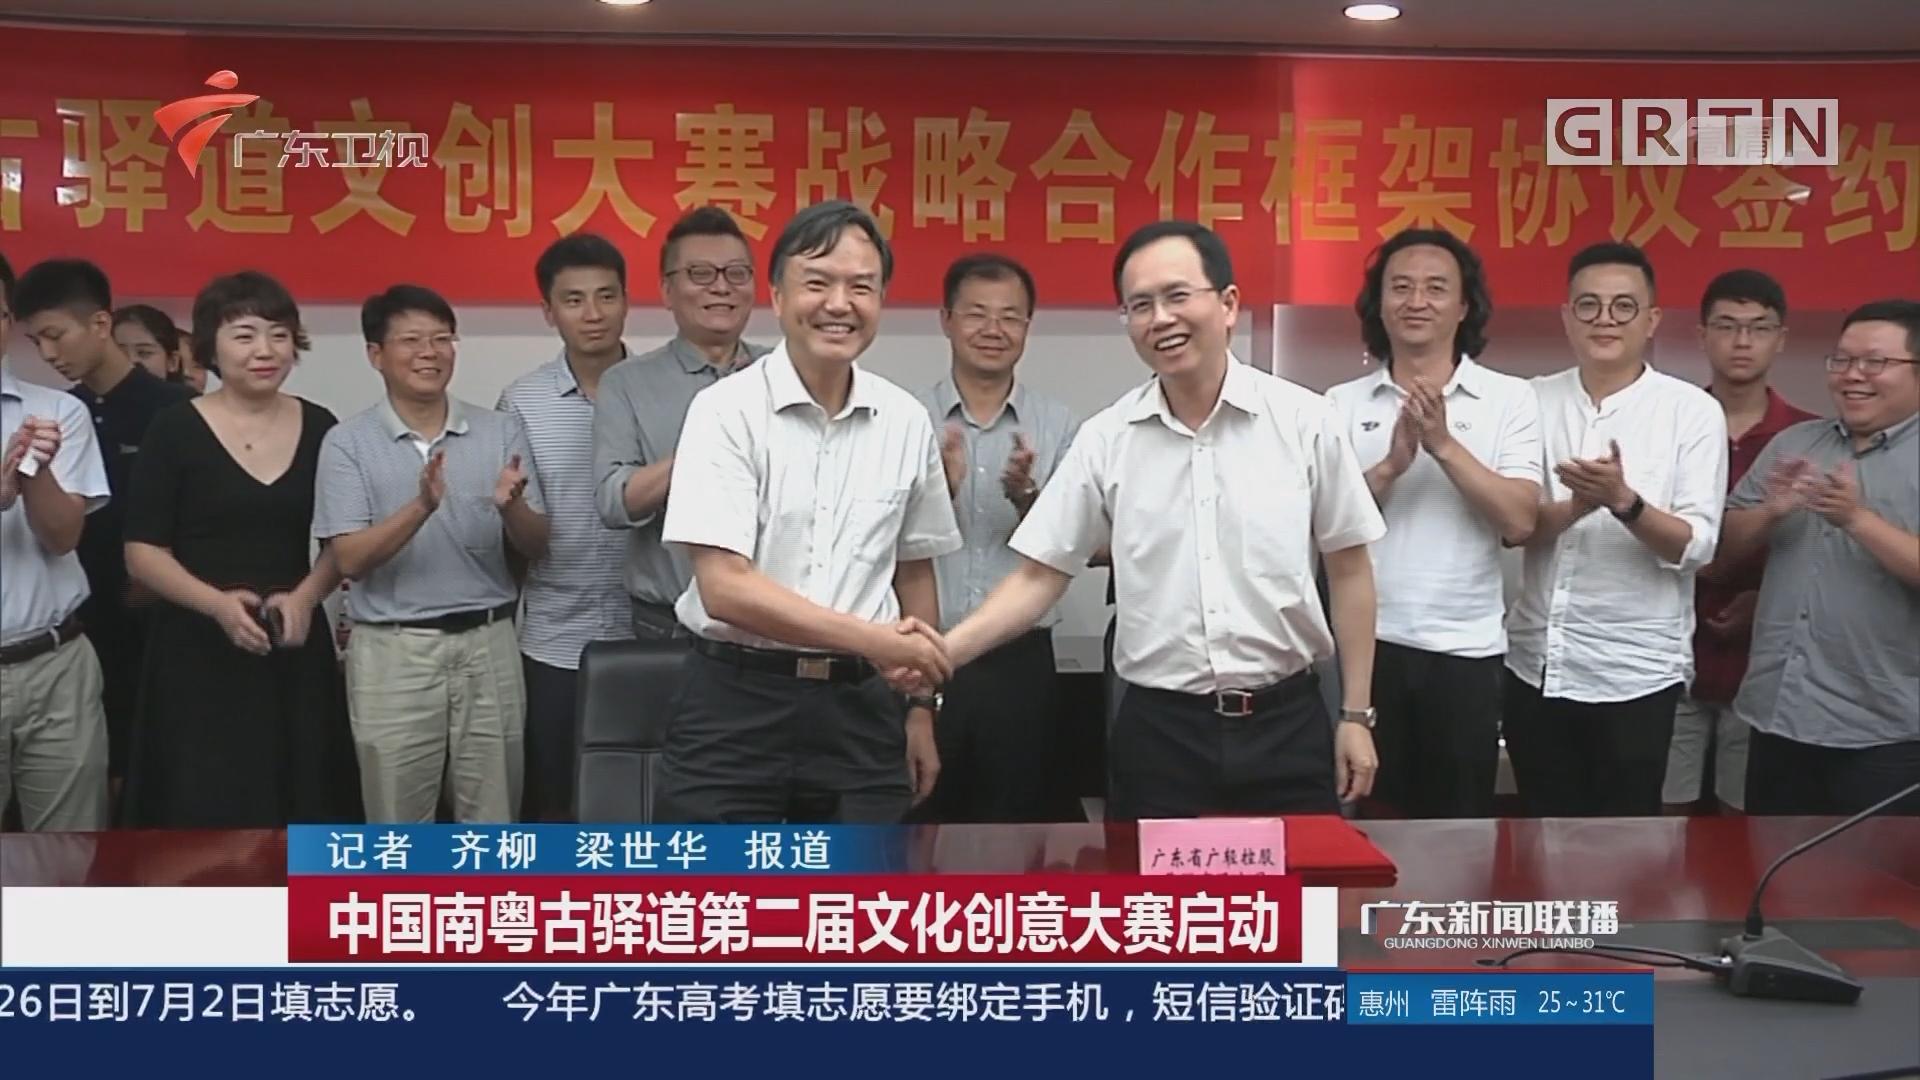 中国南粤古驿道第二届文化创意大赛启动